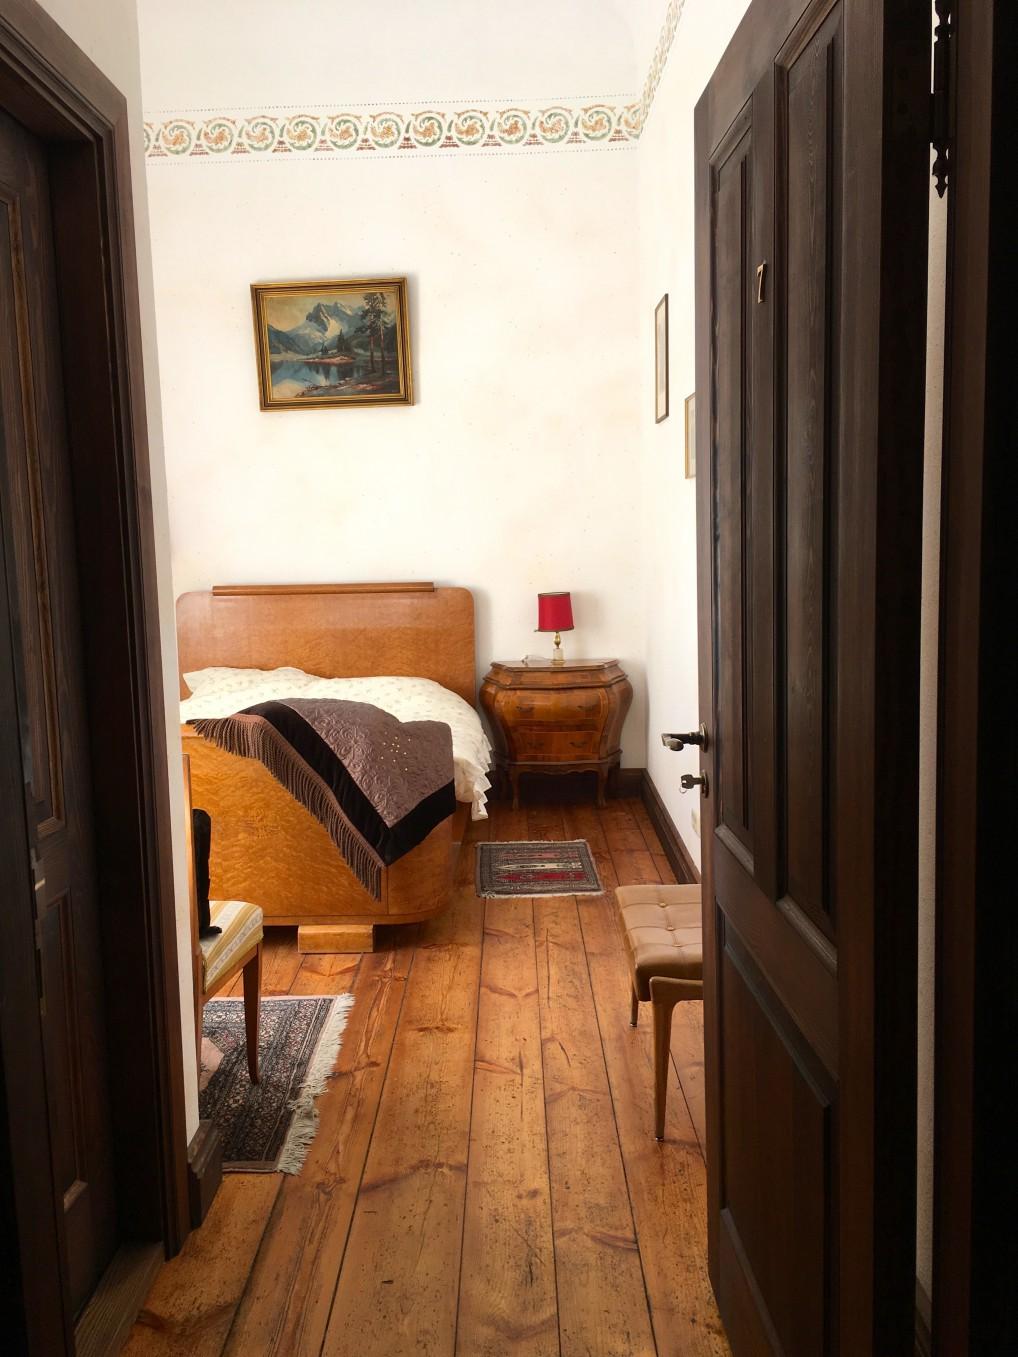 Rom med gamle møbler